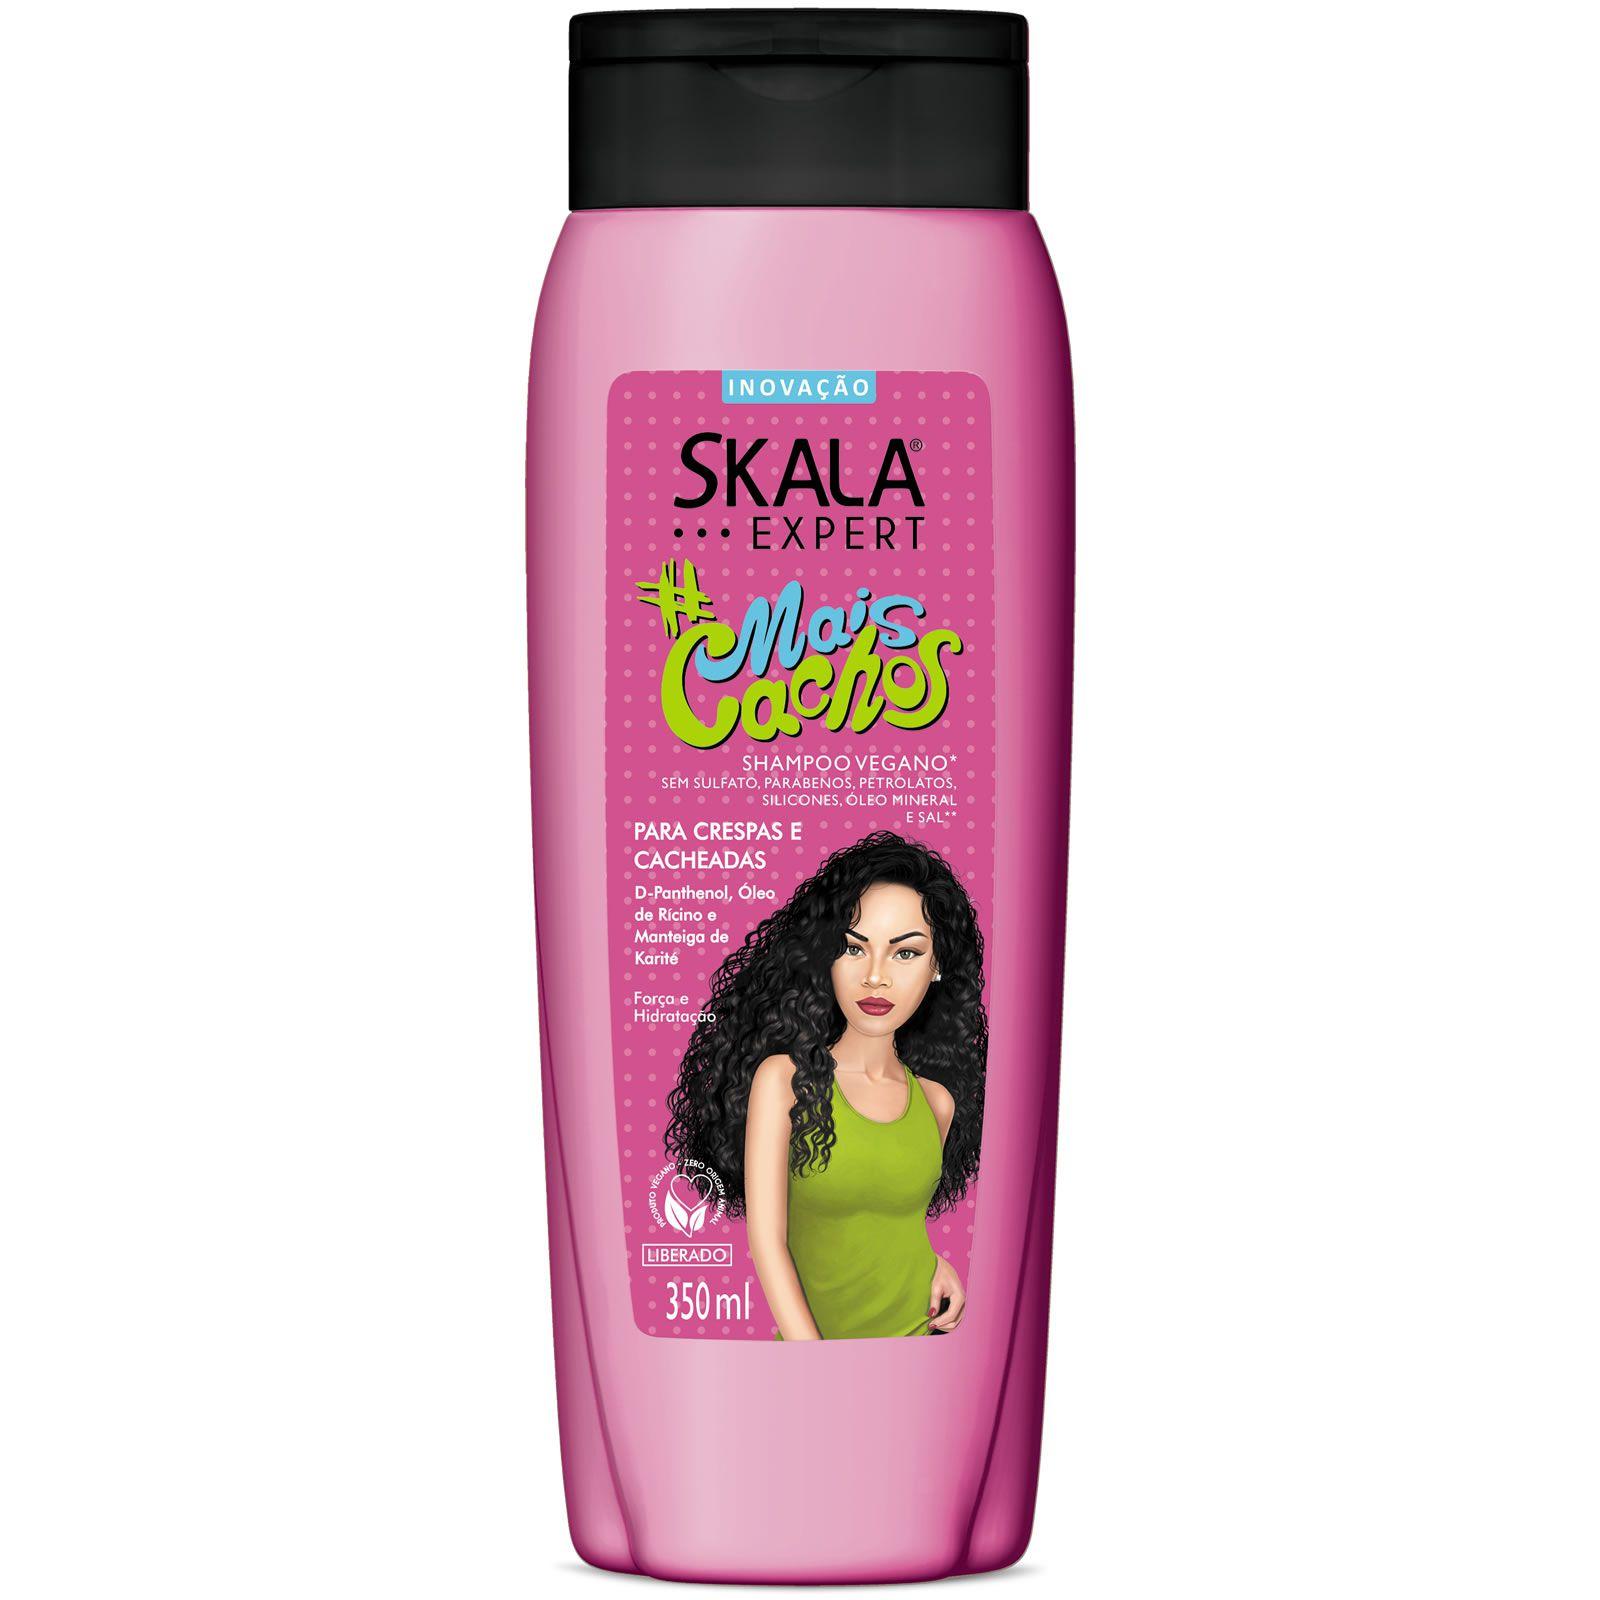 Shampoo #MaisCachos